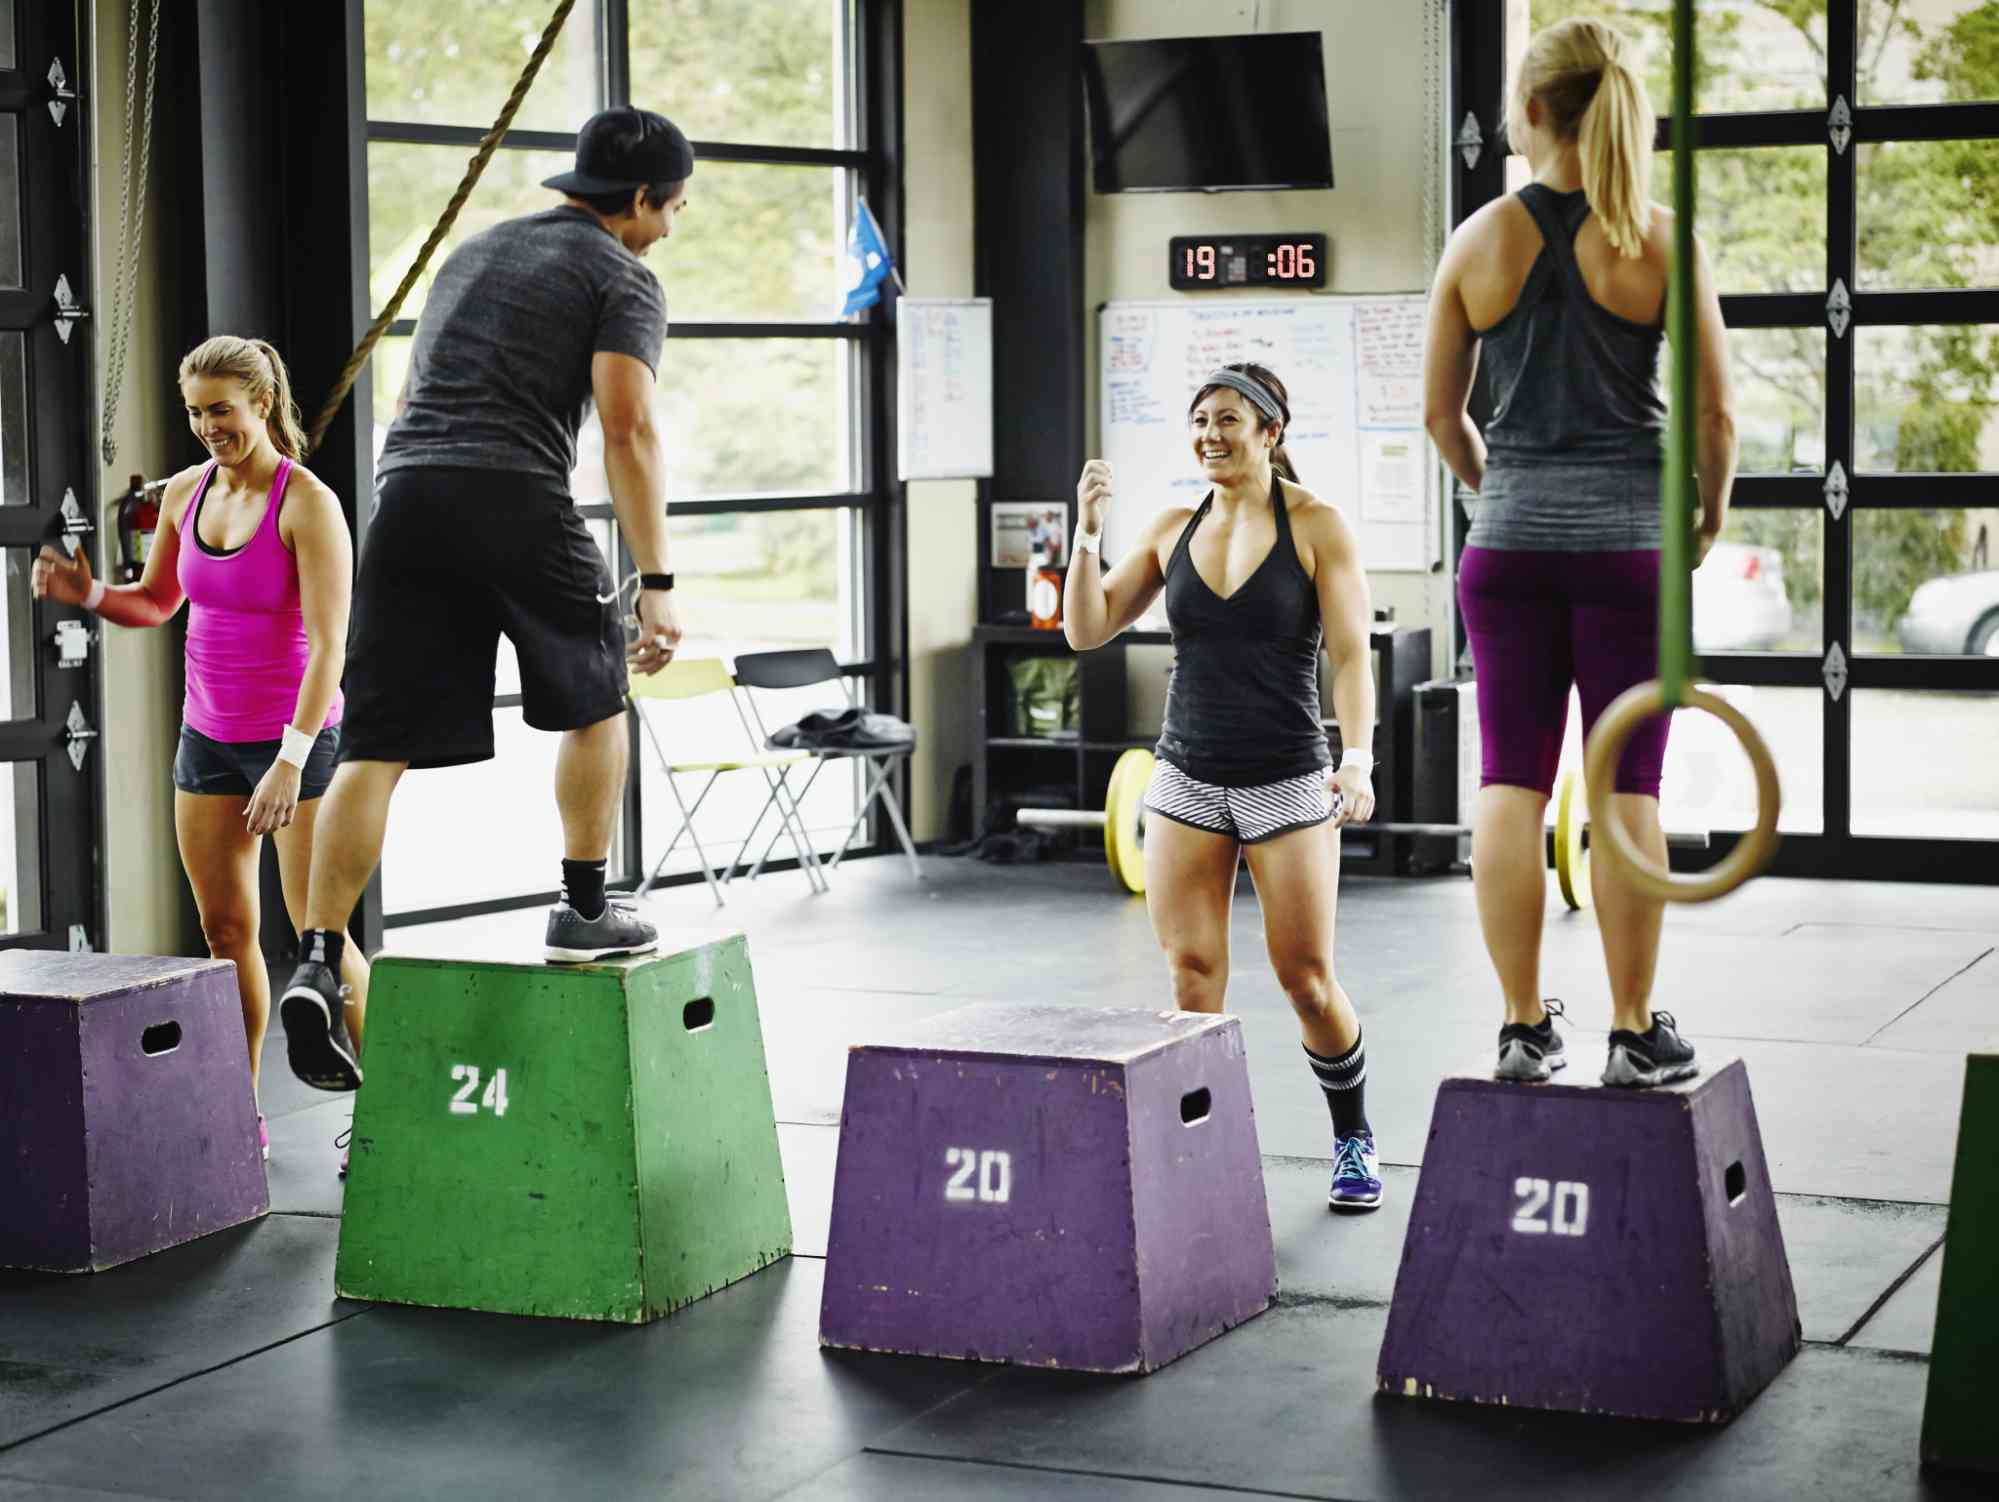 Atletas trabajando en un gimnasio crossfit